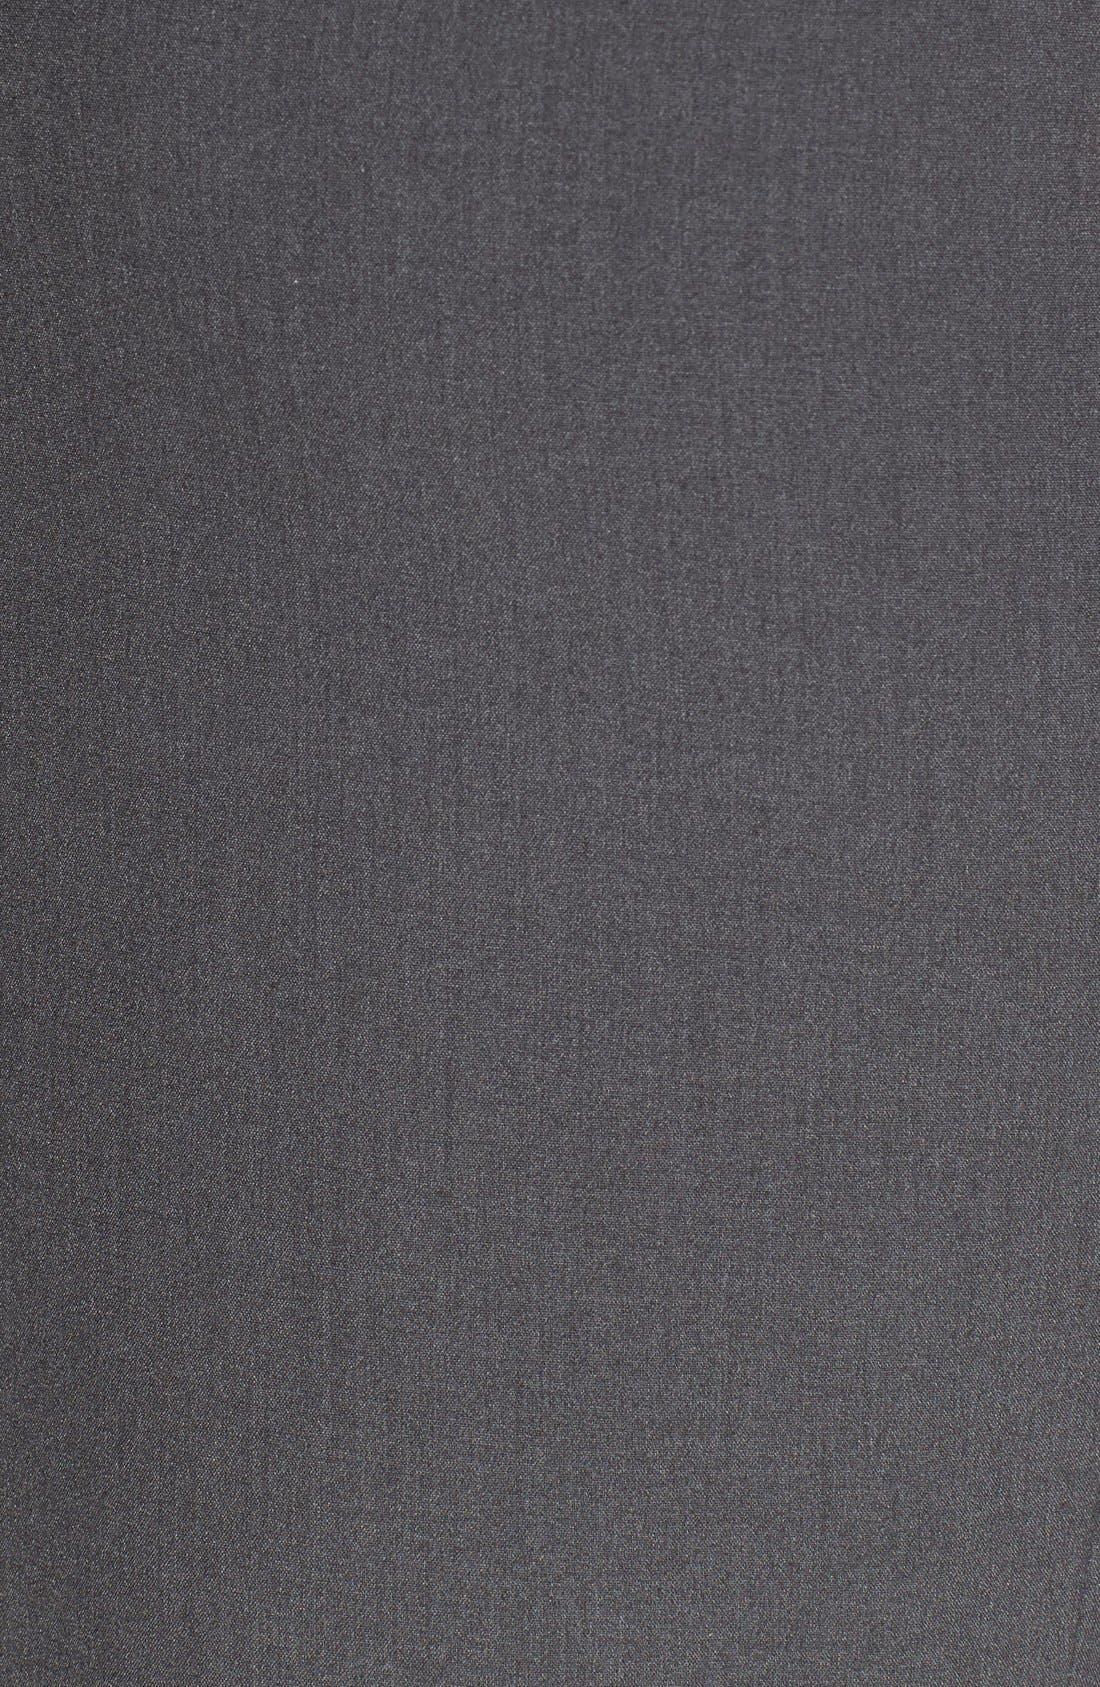 Alternate Image 3  - Anne Klein Yoke Seamed Pencil Skirt